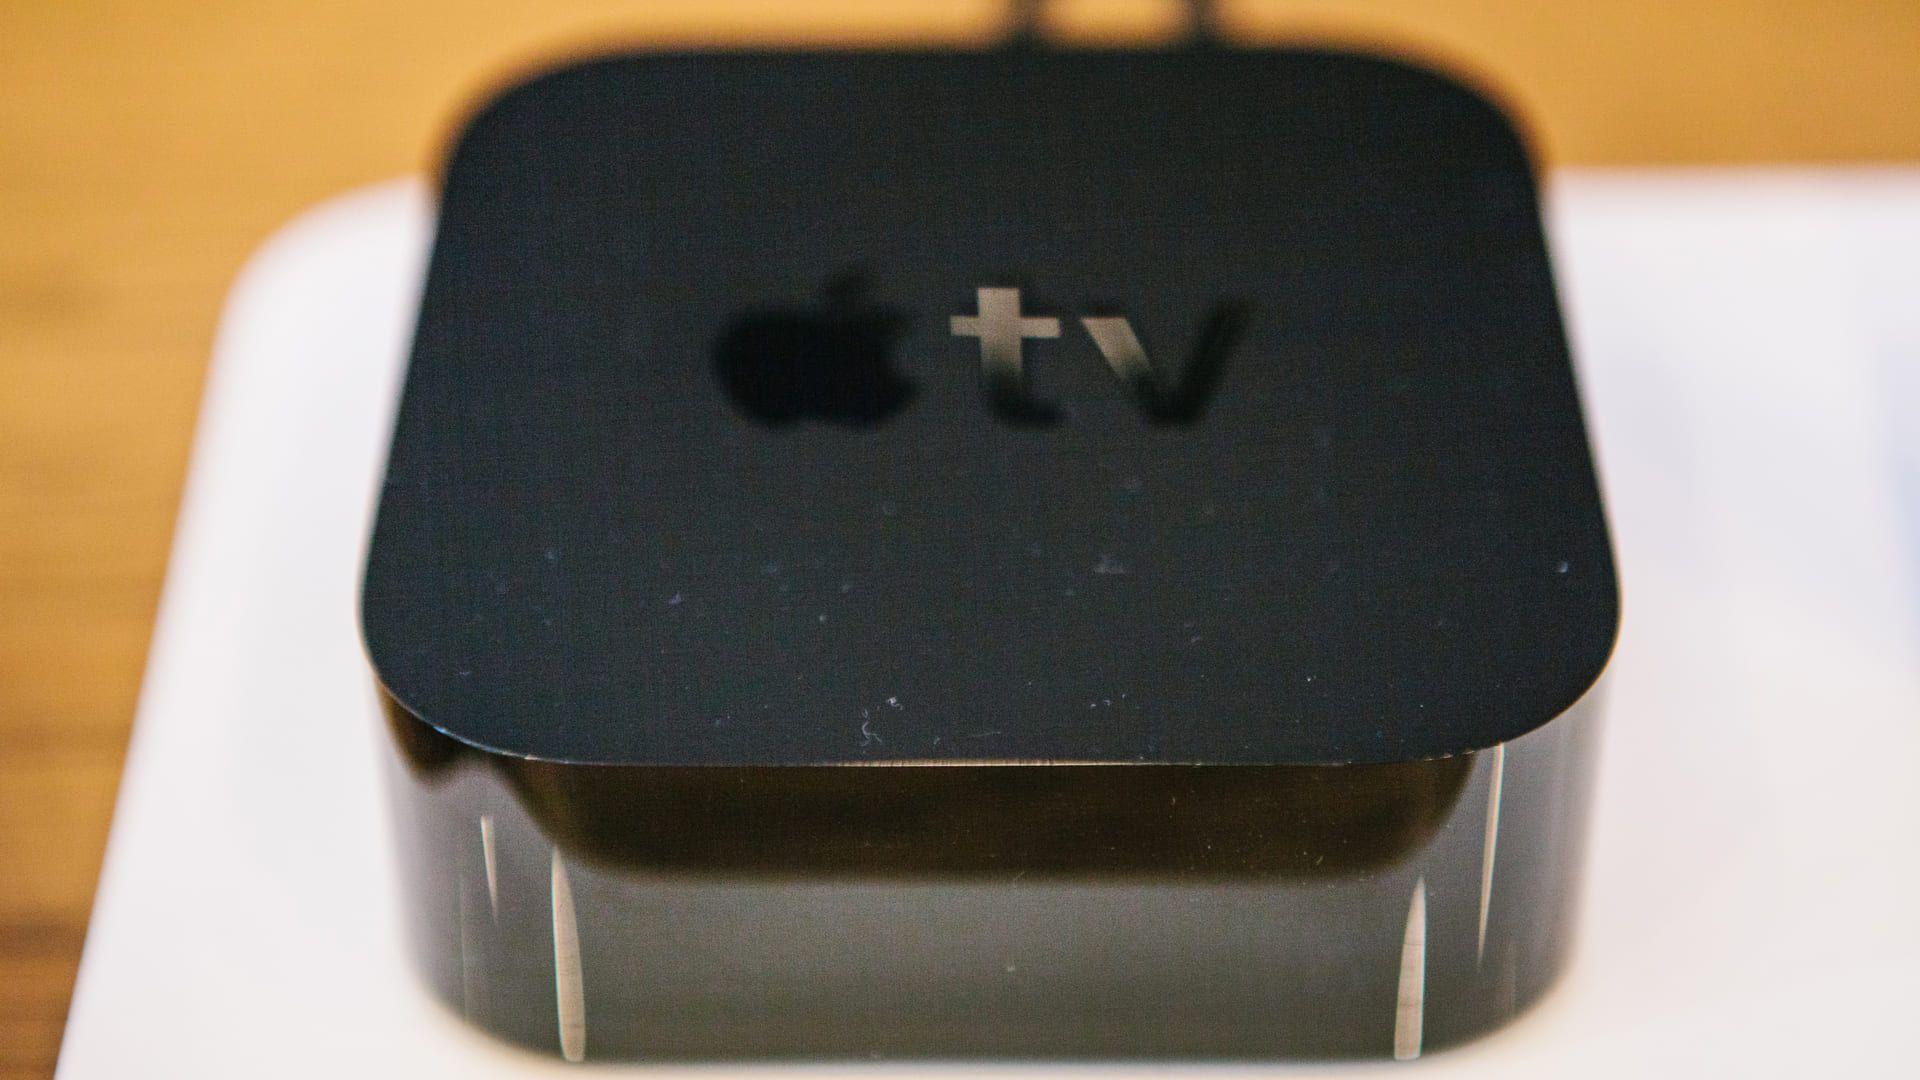 Conheça e saiba como funciona a Apple TV 4K! (Imagem: Reprodução/Shutterstock)